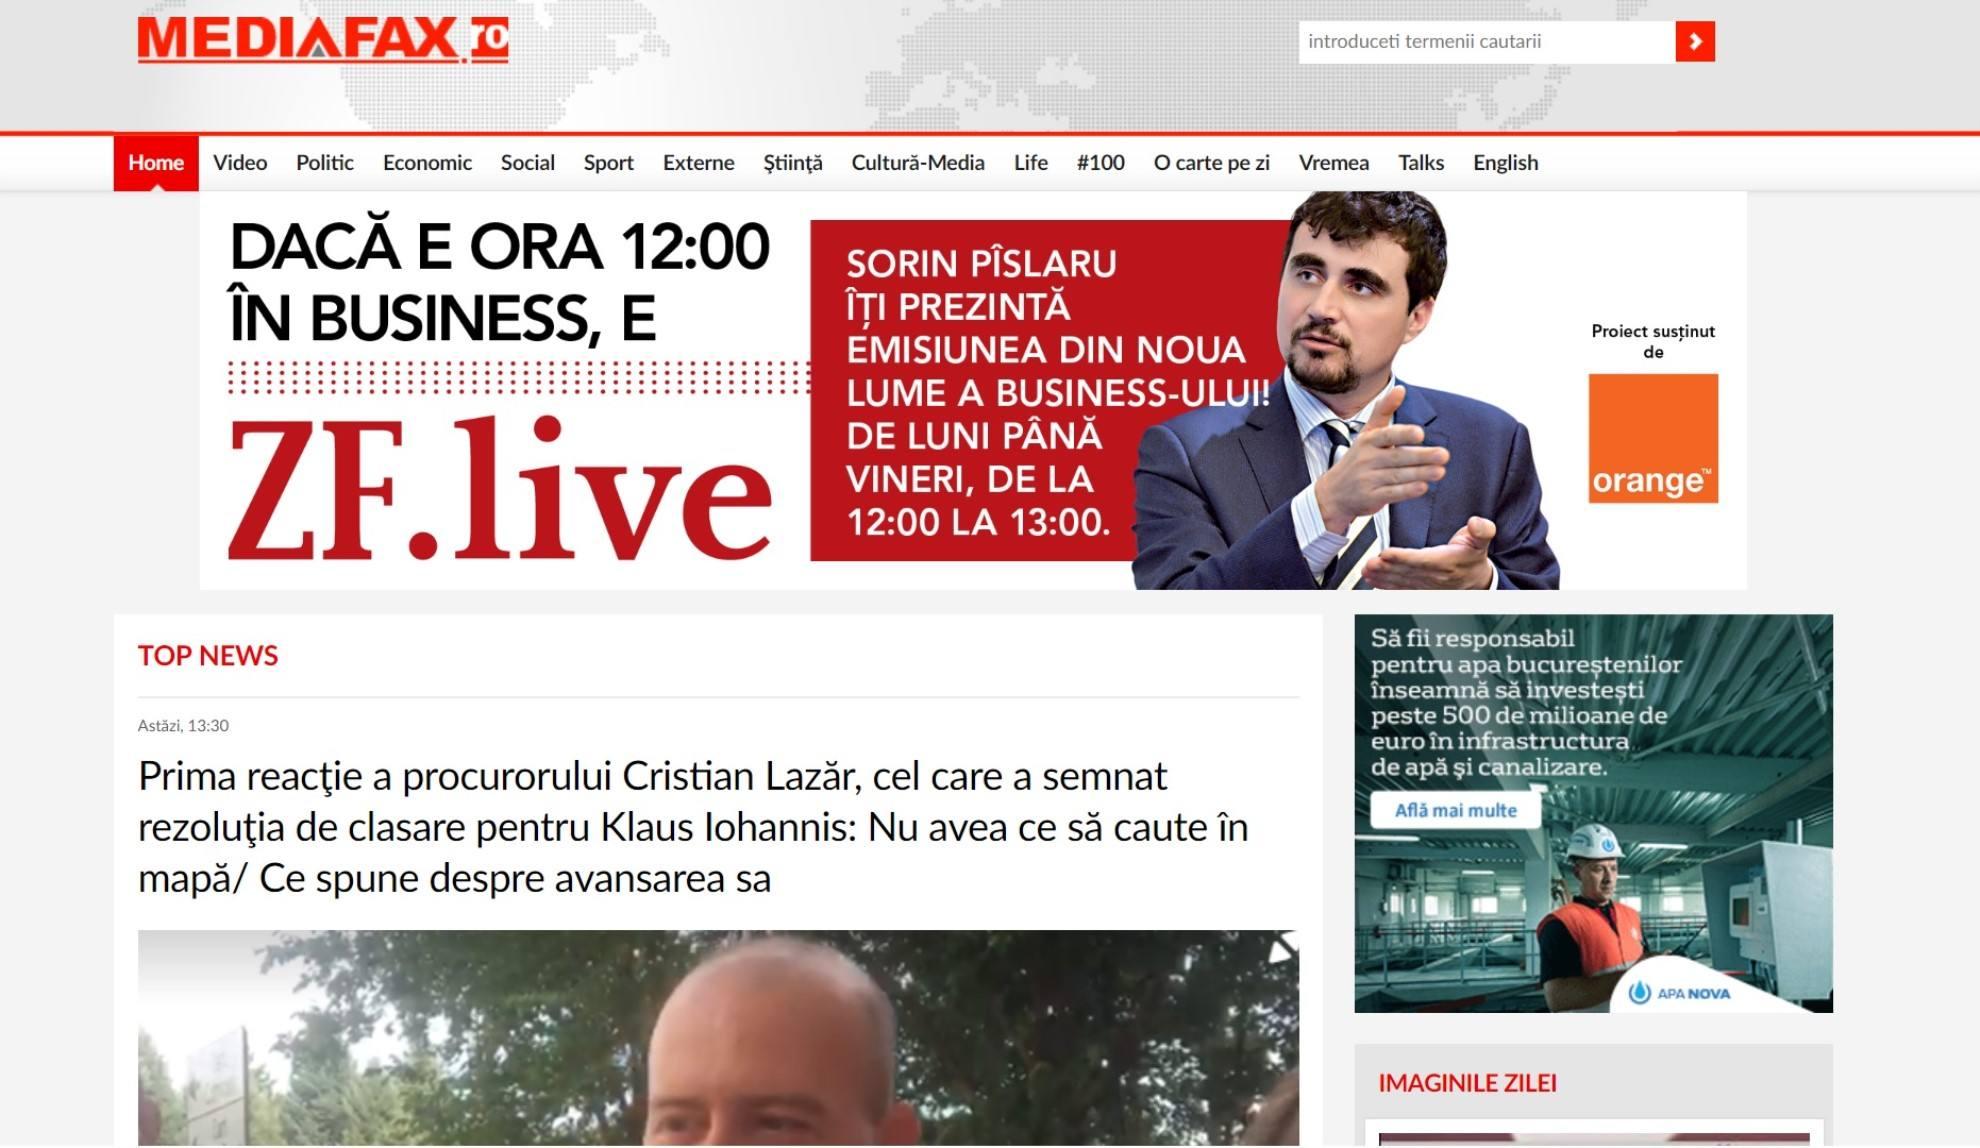 Ştiri de ultima ora si ultimele ştiri - ştiri online - Mediafax